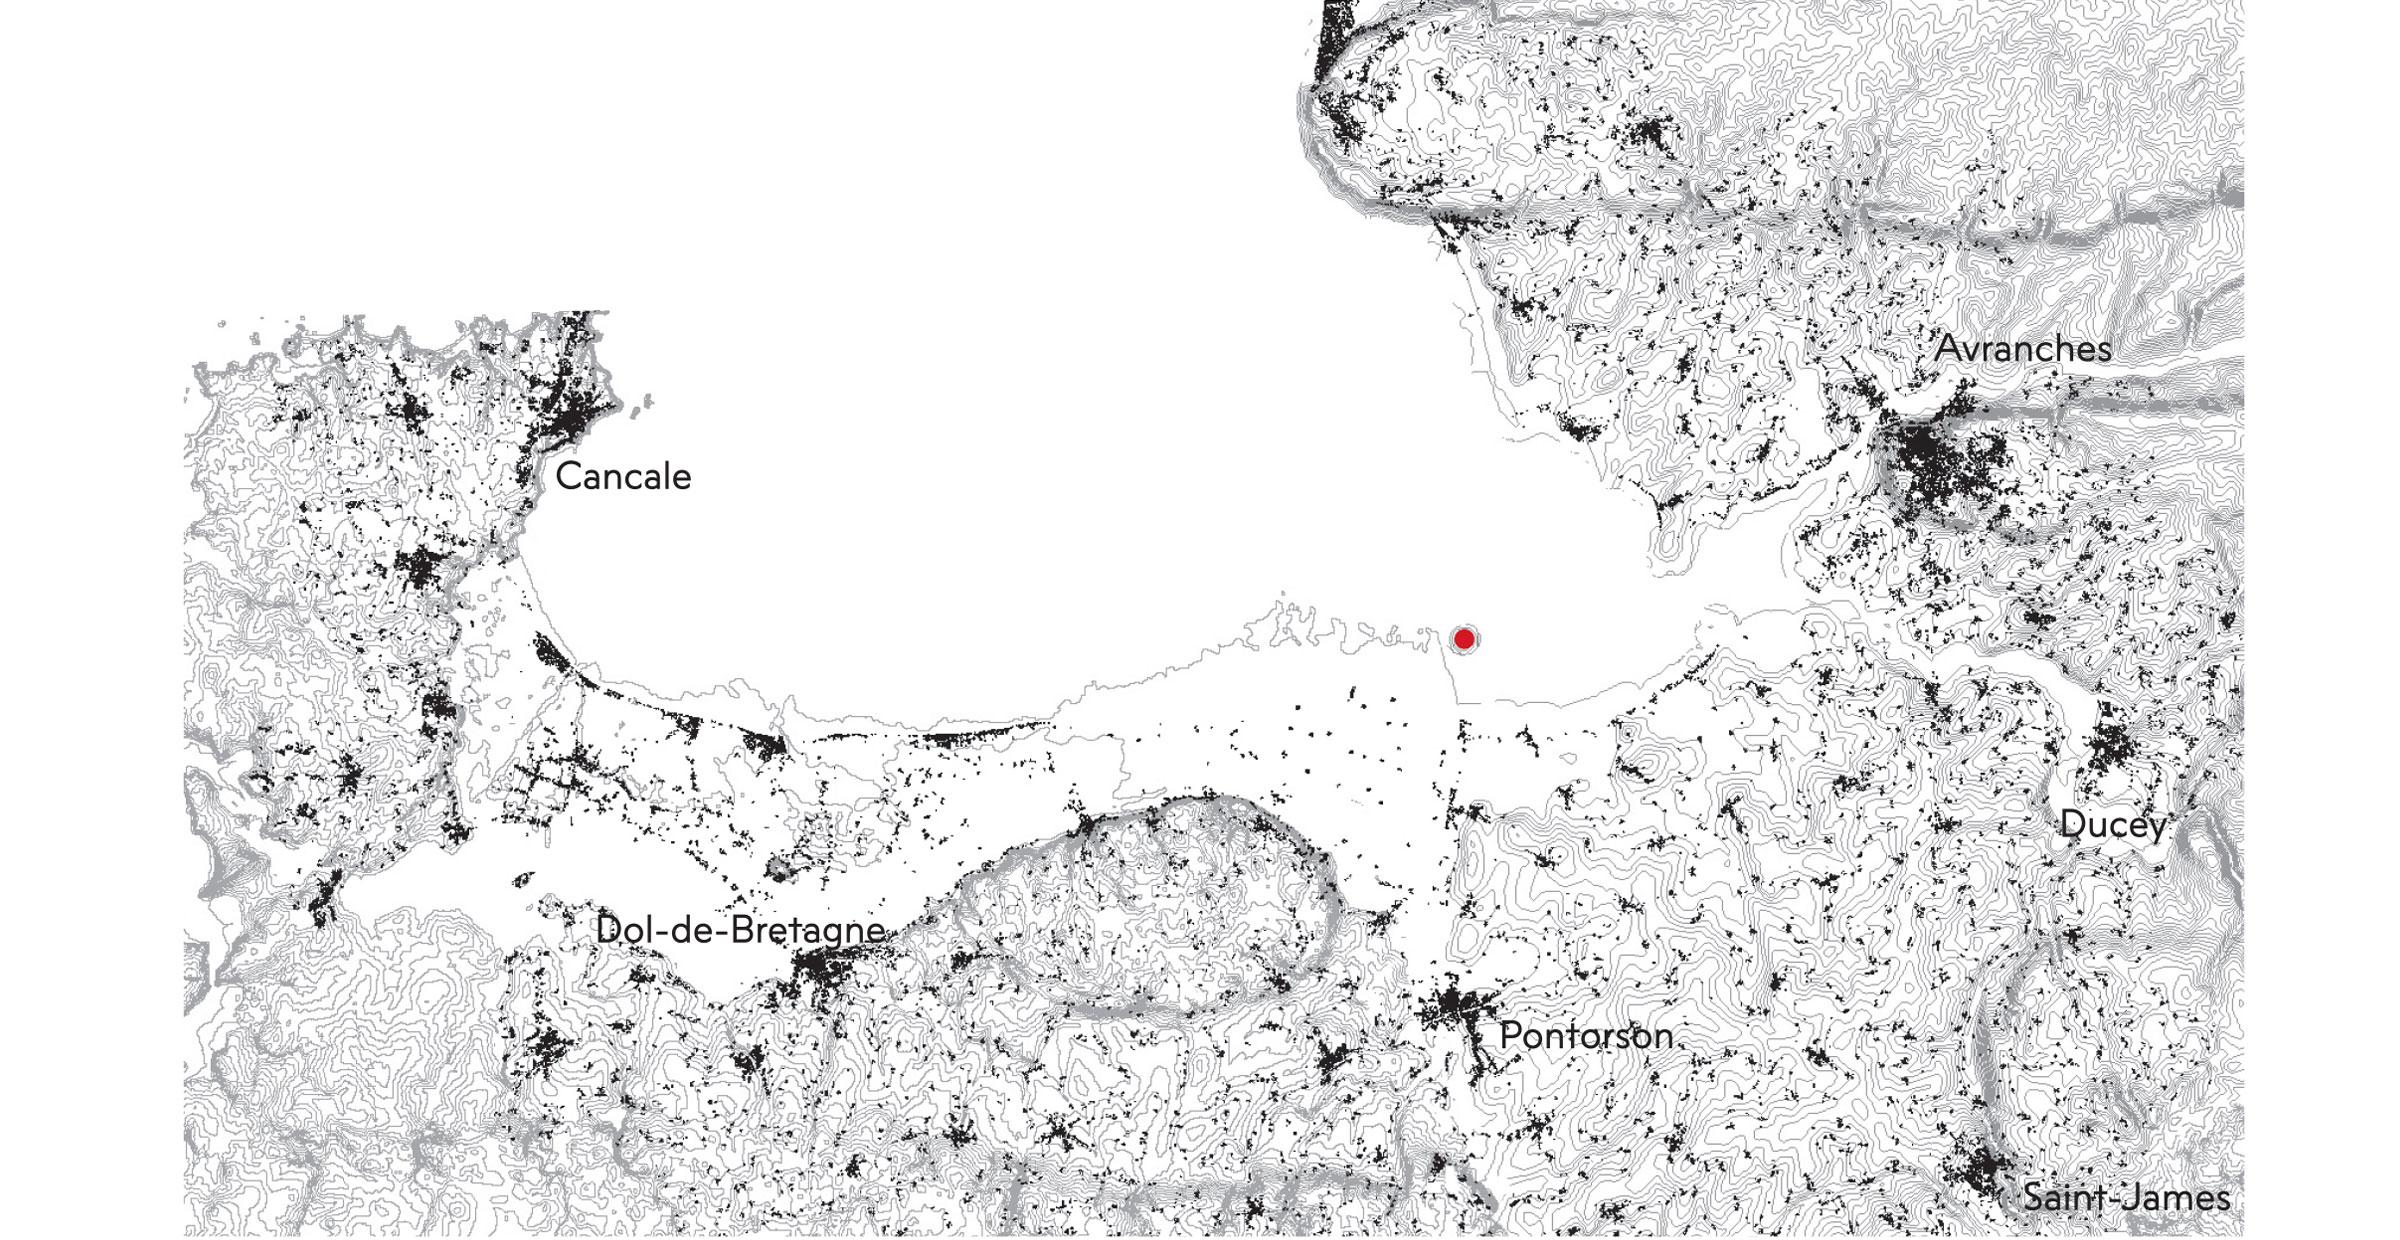 Guide la construction ; Mont-Saint-Michel ; FORR - PAYSAGE   URBANISME ; FORR paysagiste